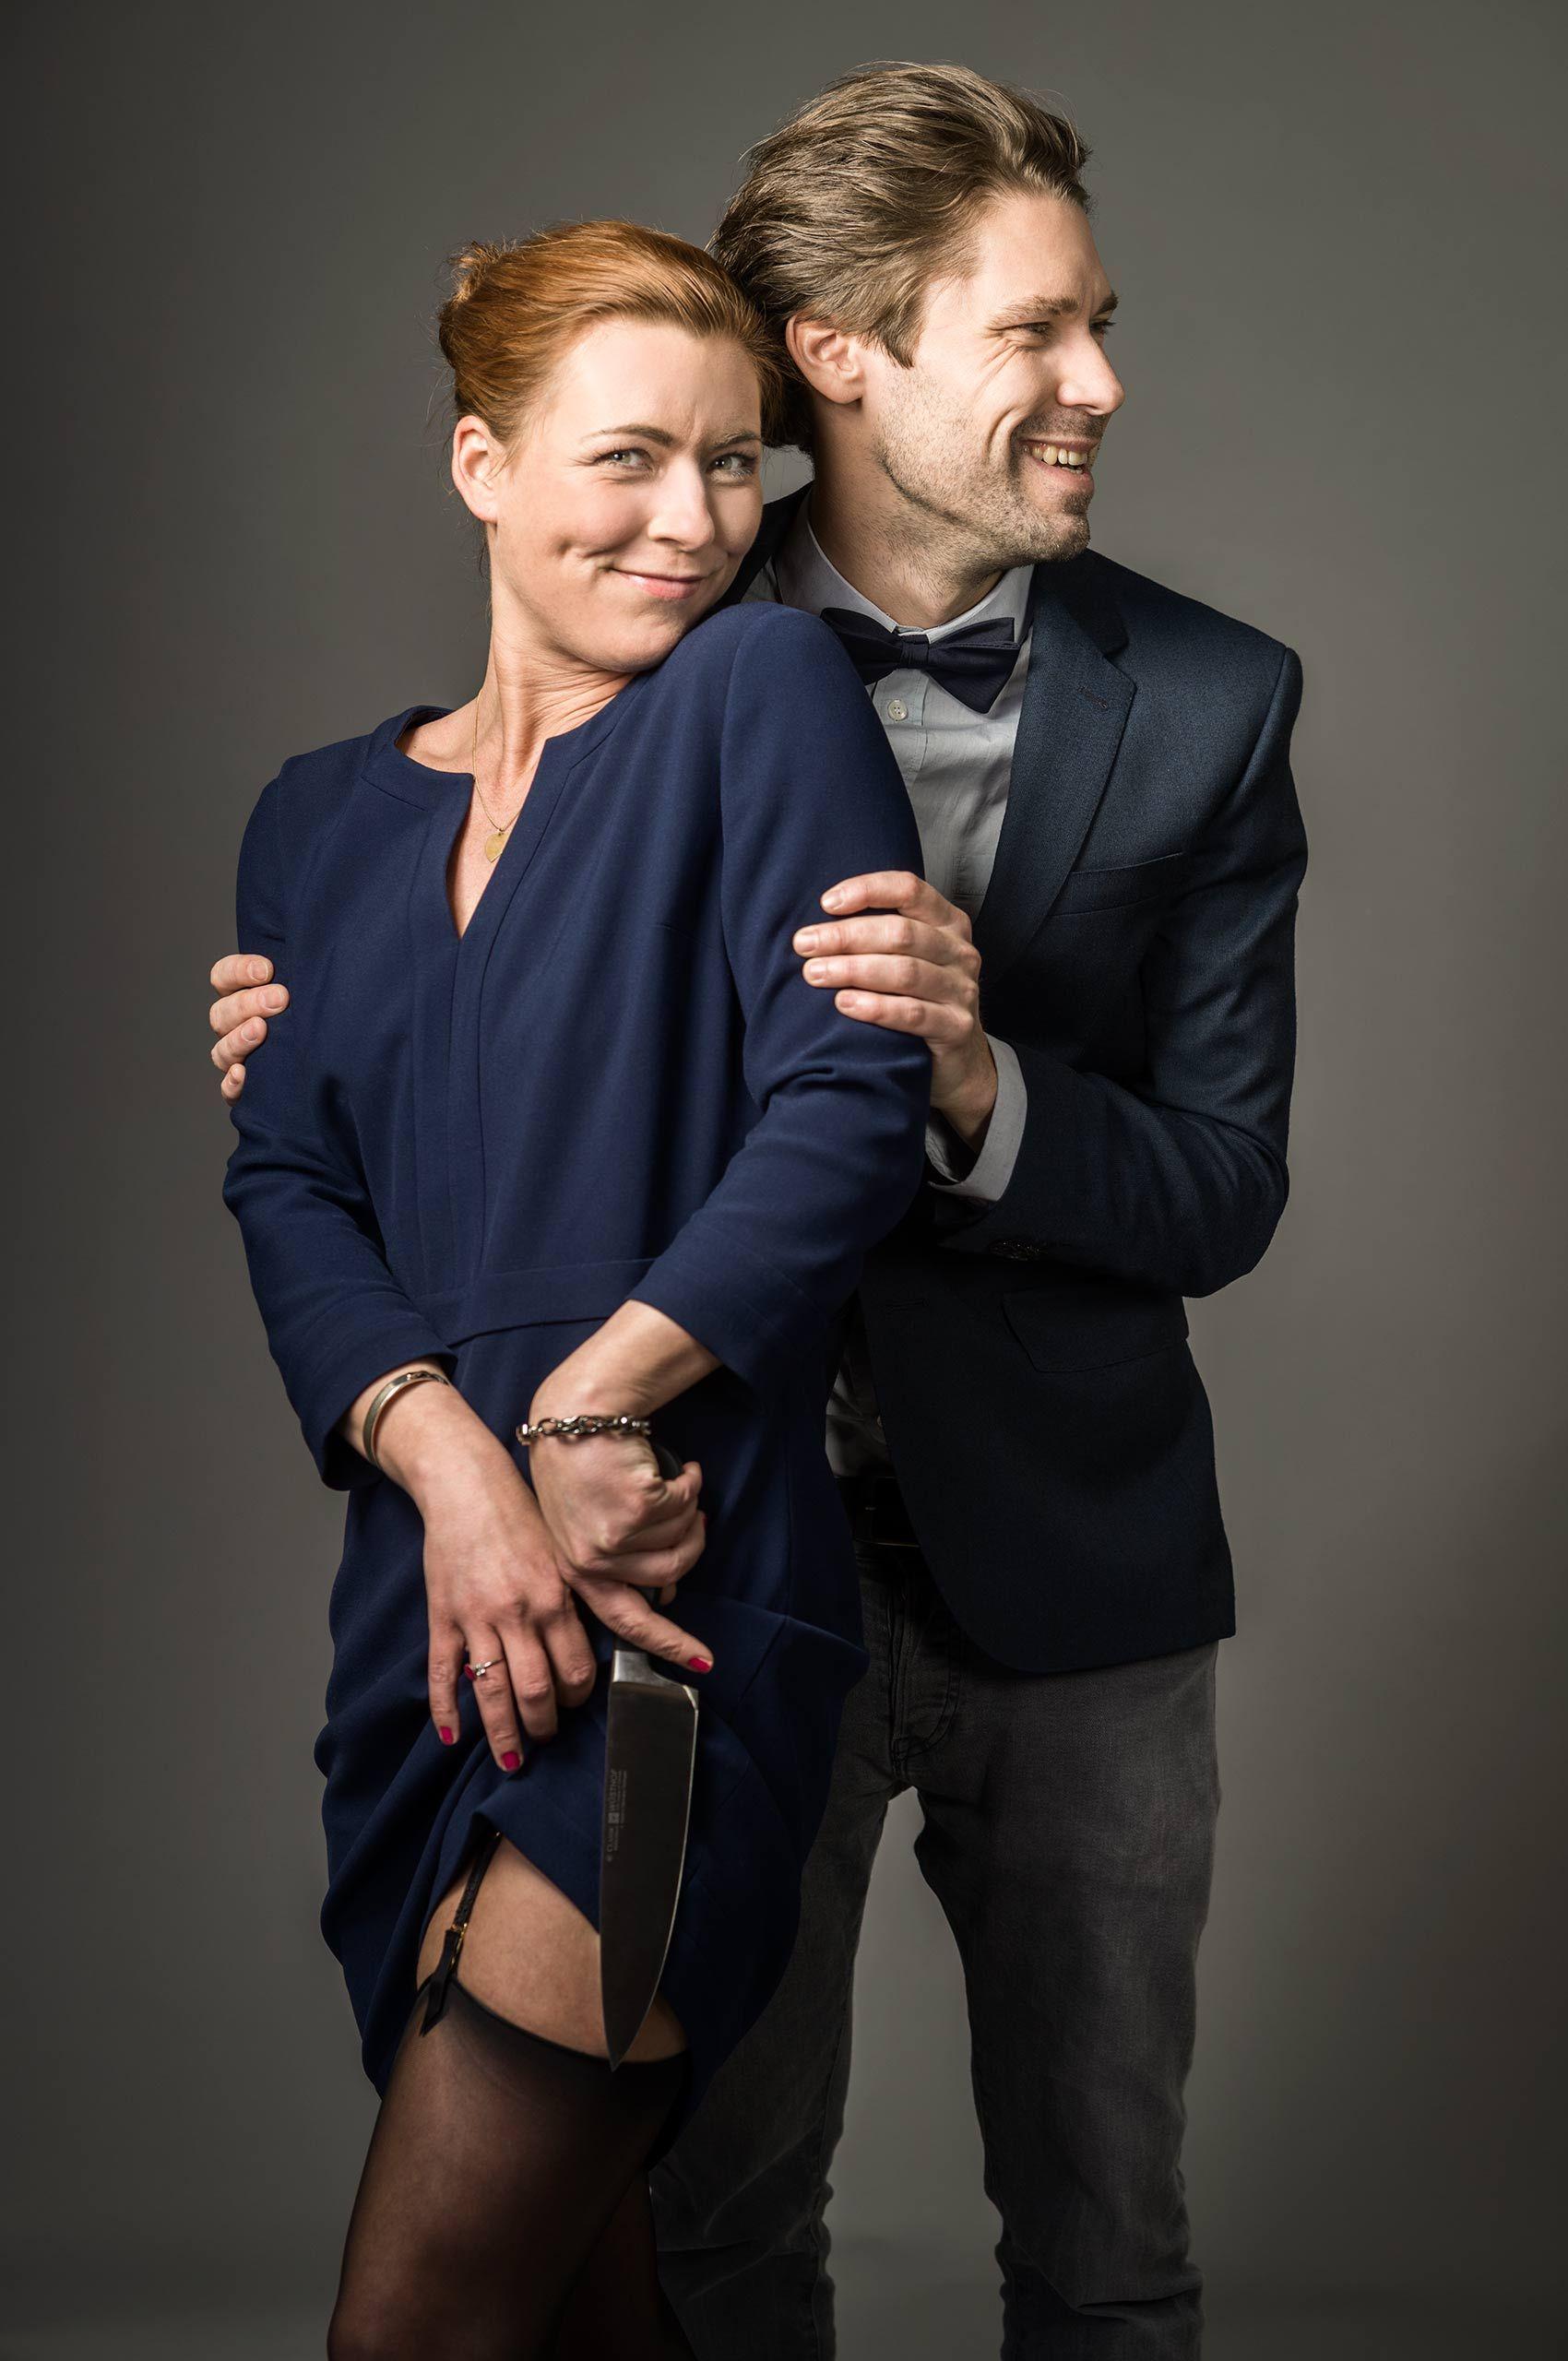 couple-knifegames-by-HenrikOlundPhotography.jpg